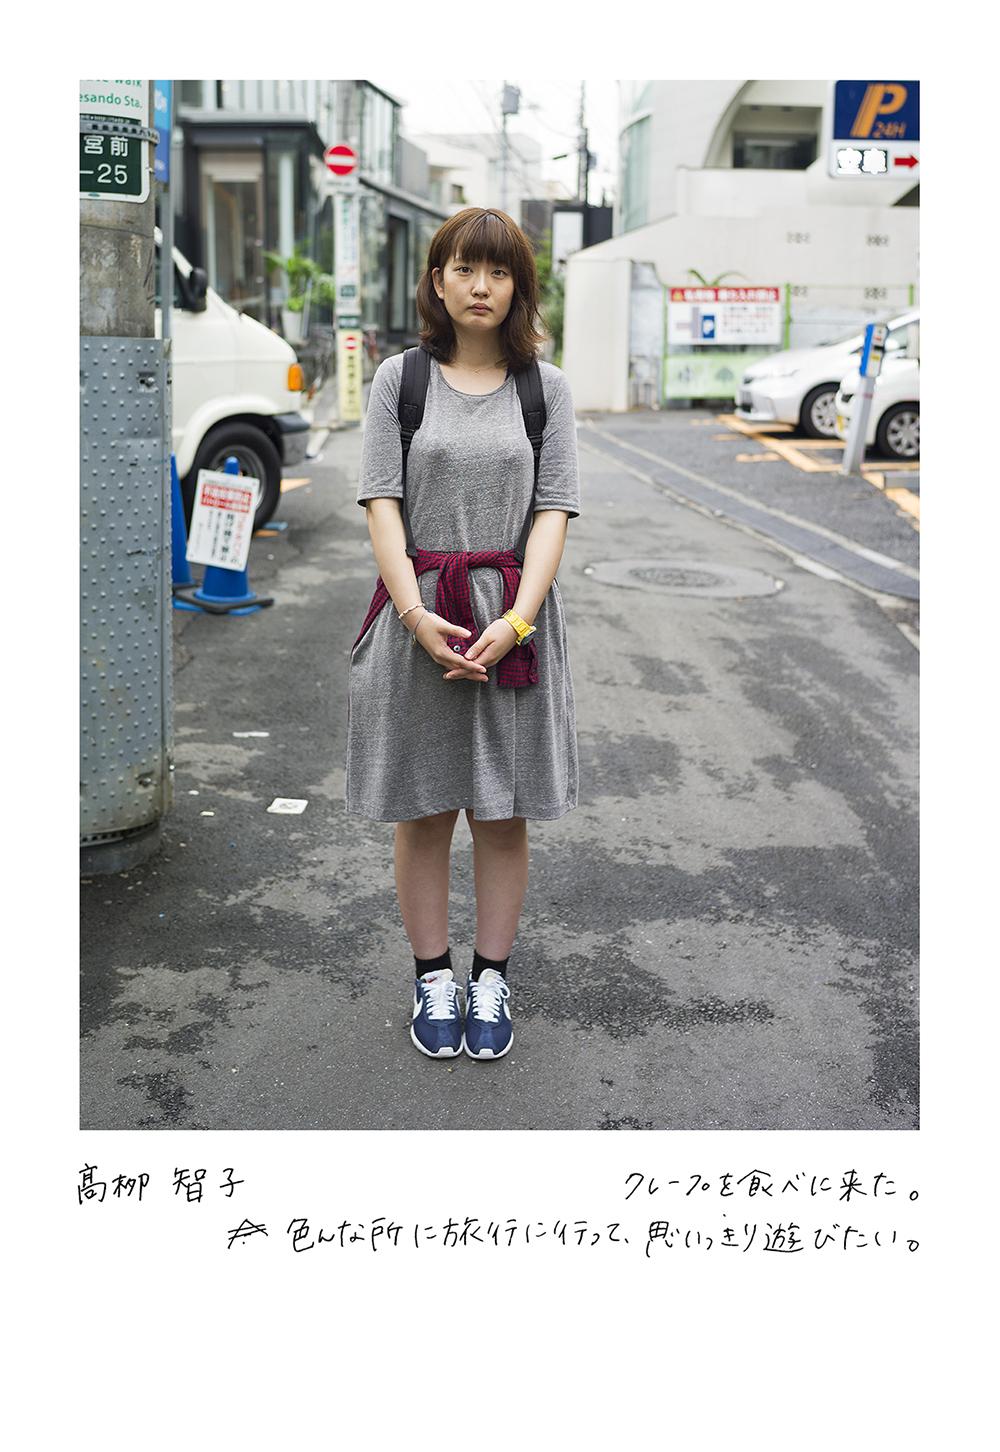 Image 2 / 10